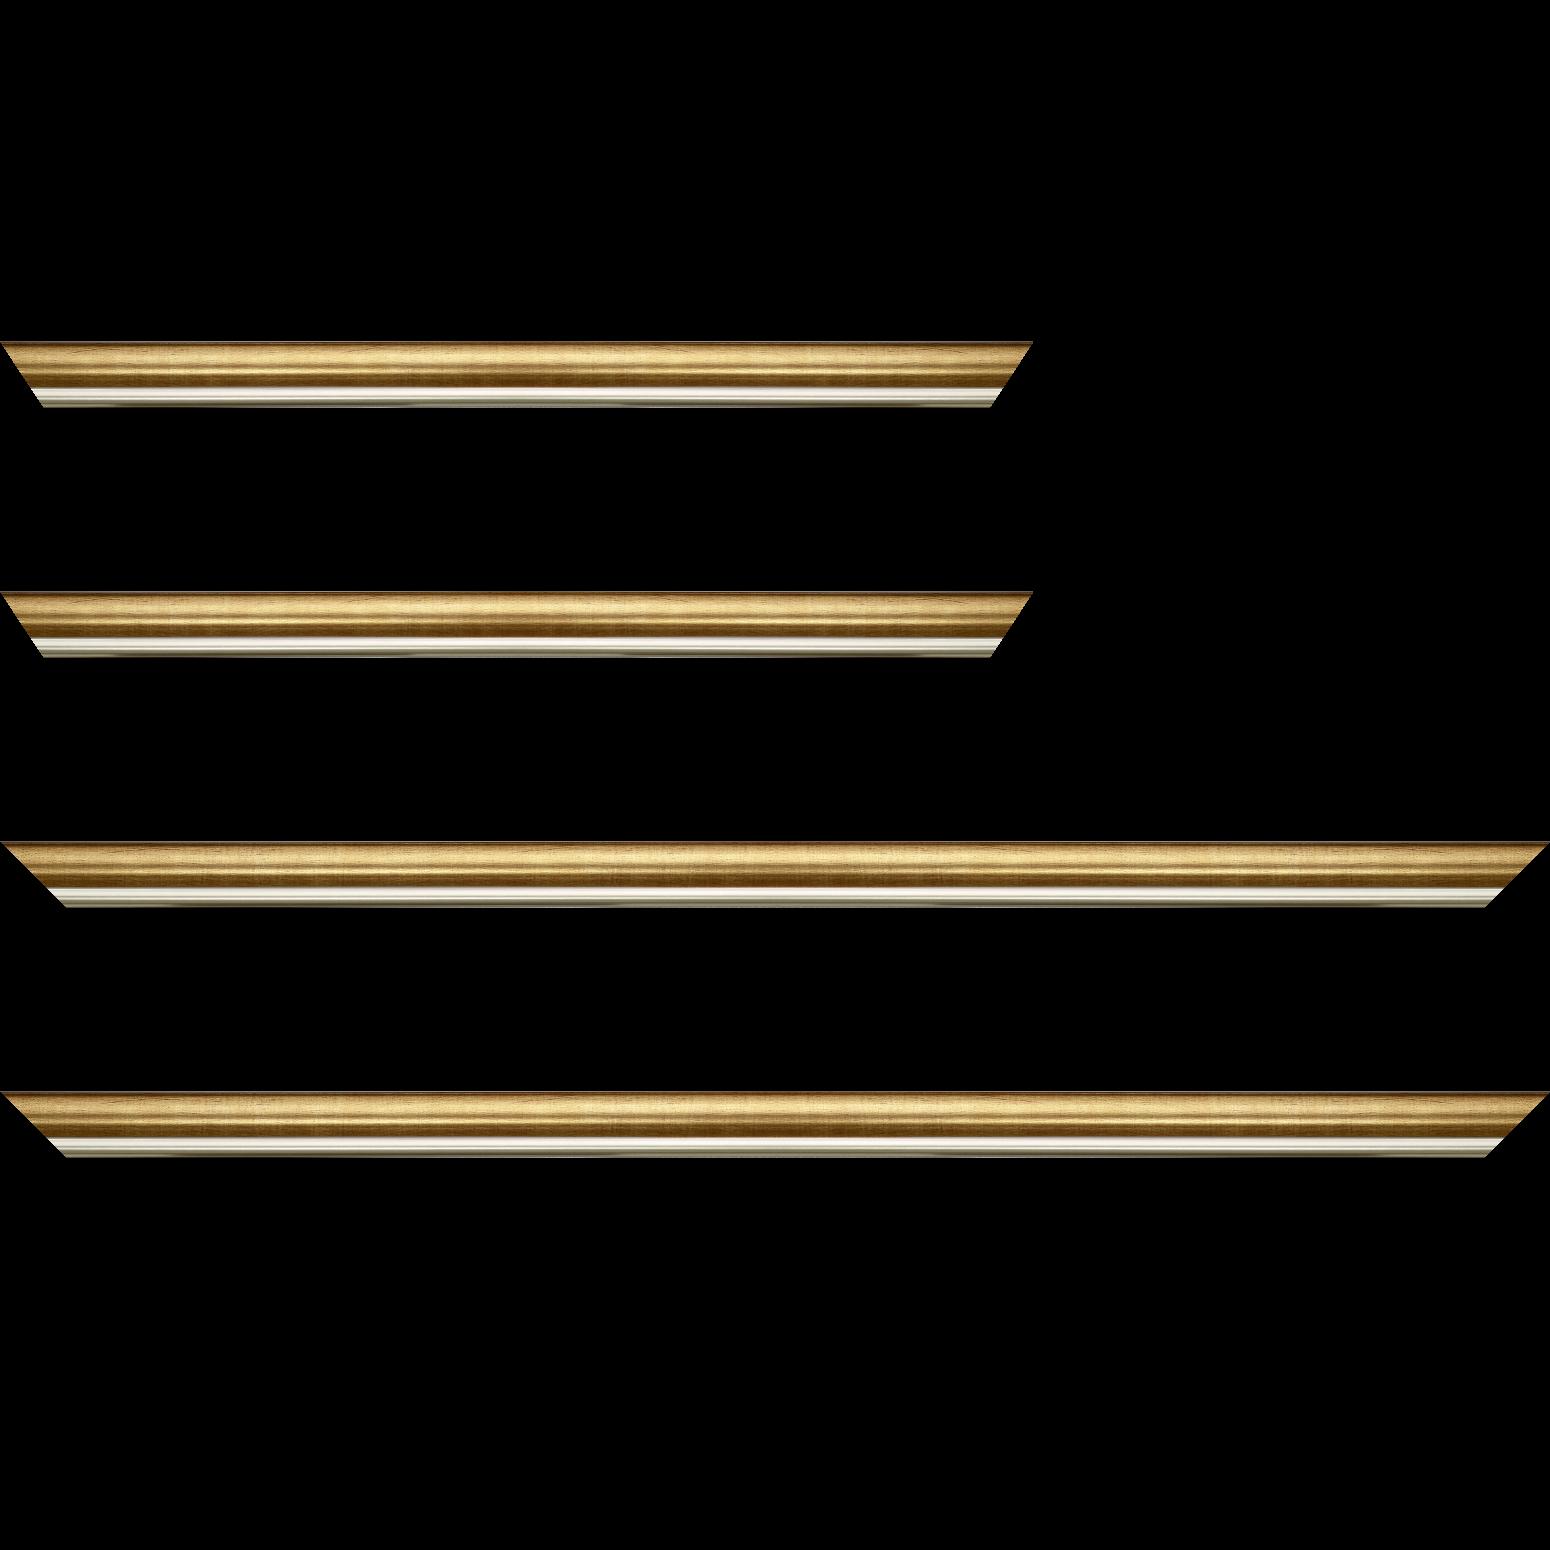 Baguette service précoupé Bois profil arrondi largeur 2.1cm  couleur or filet argent chaud